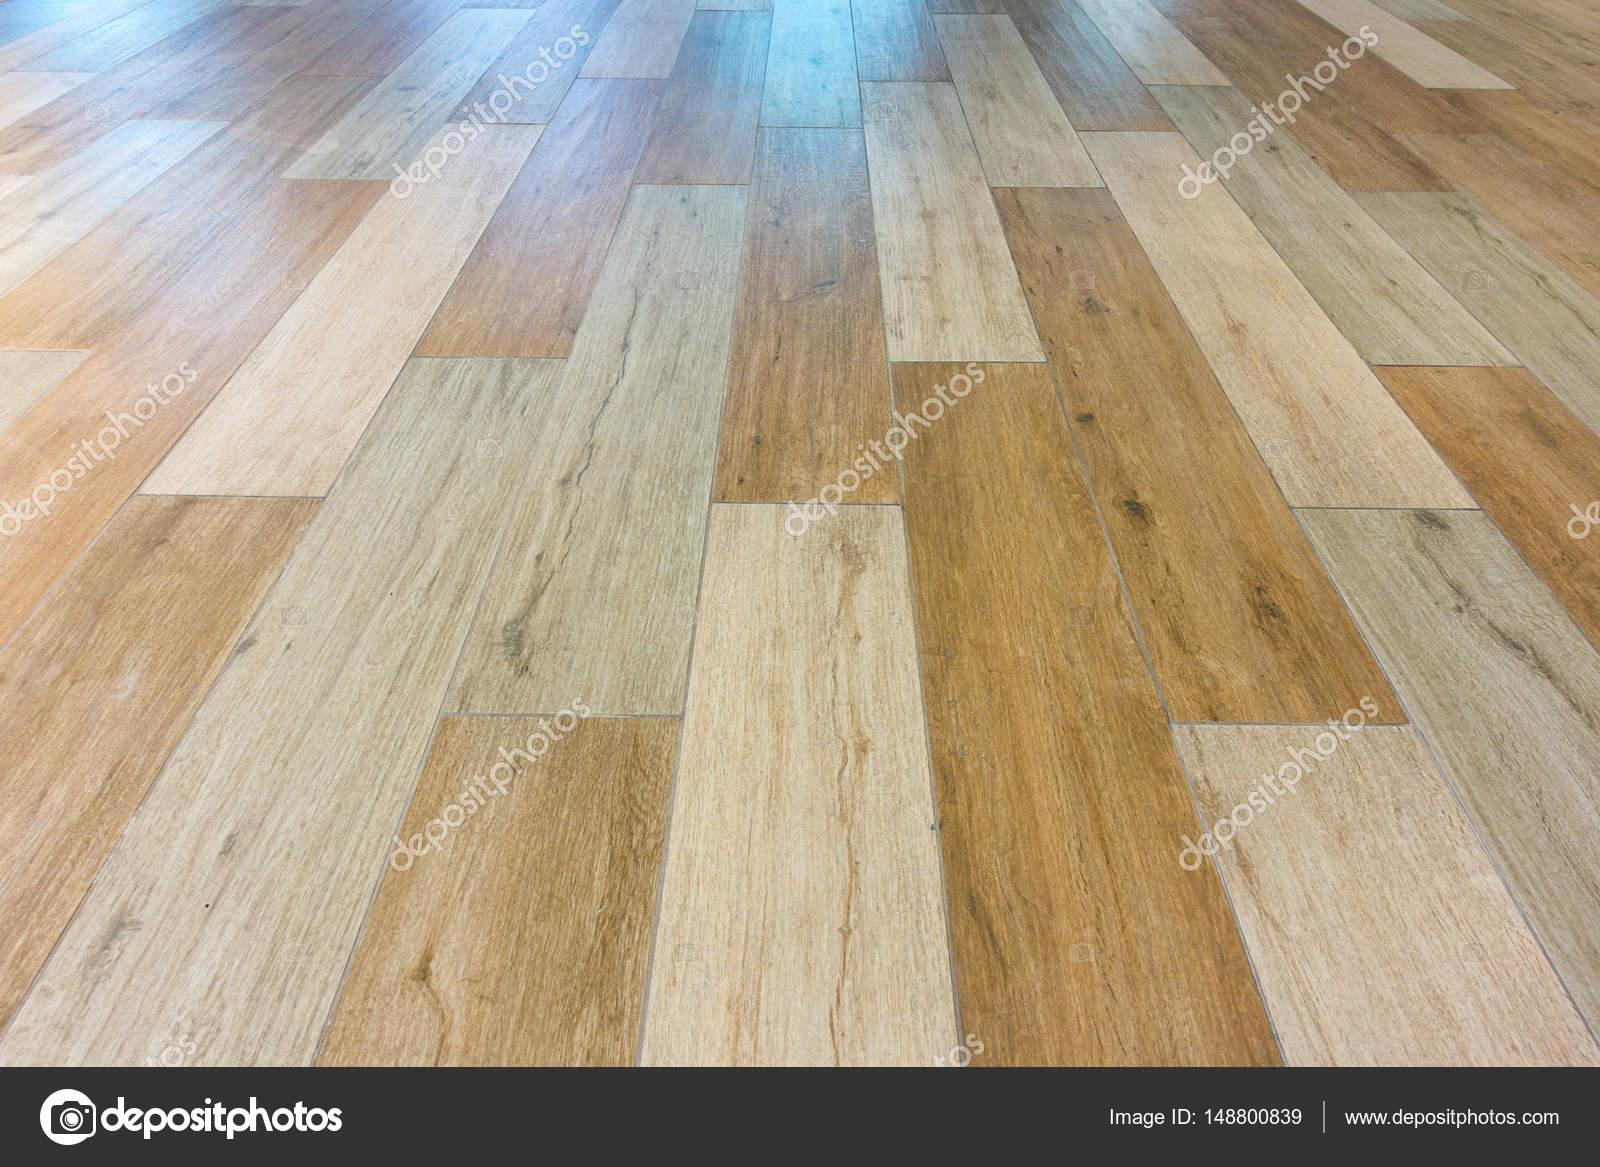 Vloeren En Tegels : Vloerbedekking tegels stoep interieur vloeren tegels u stockfoto